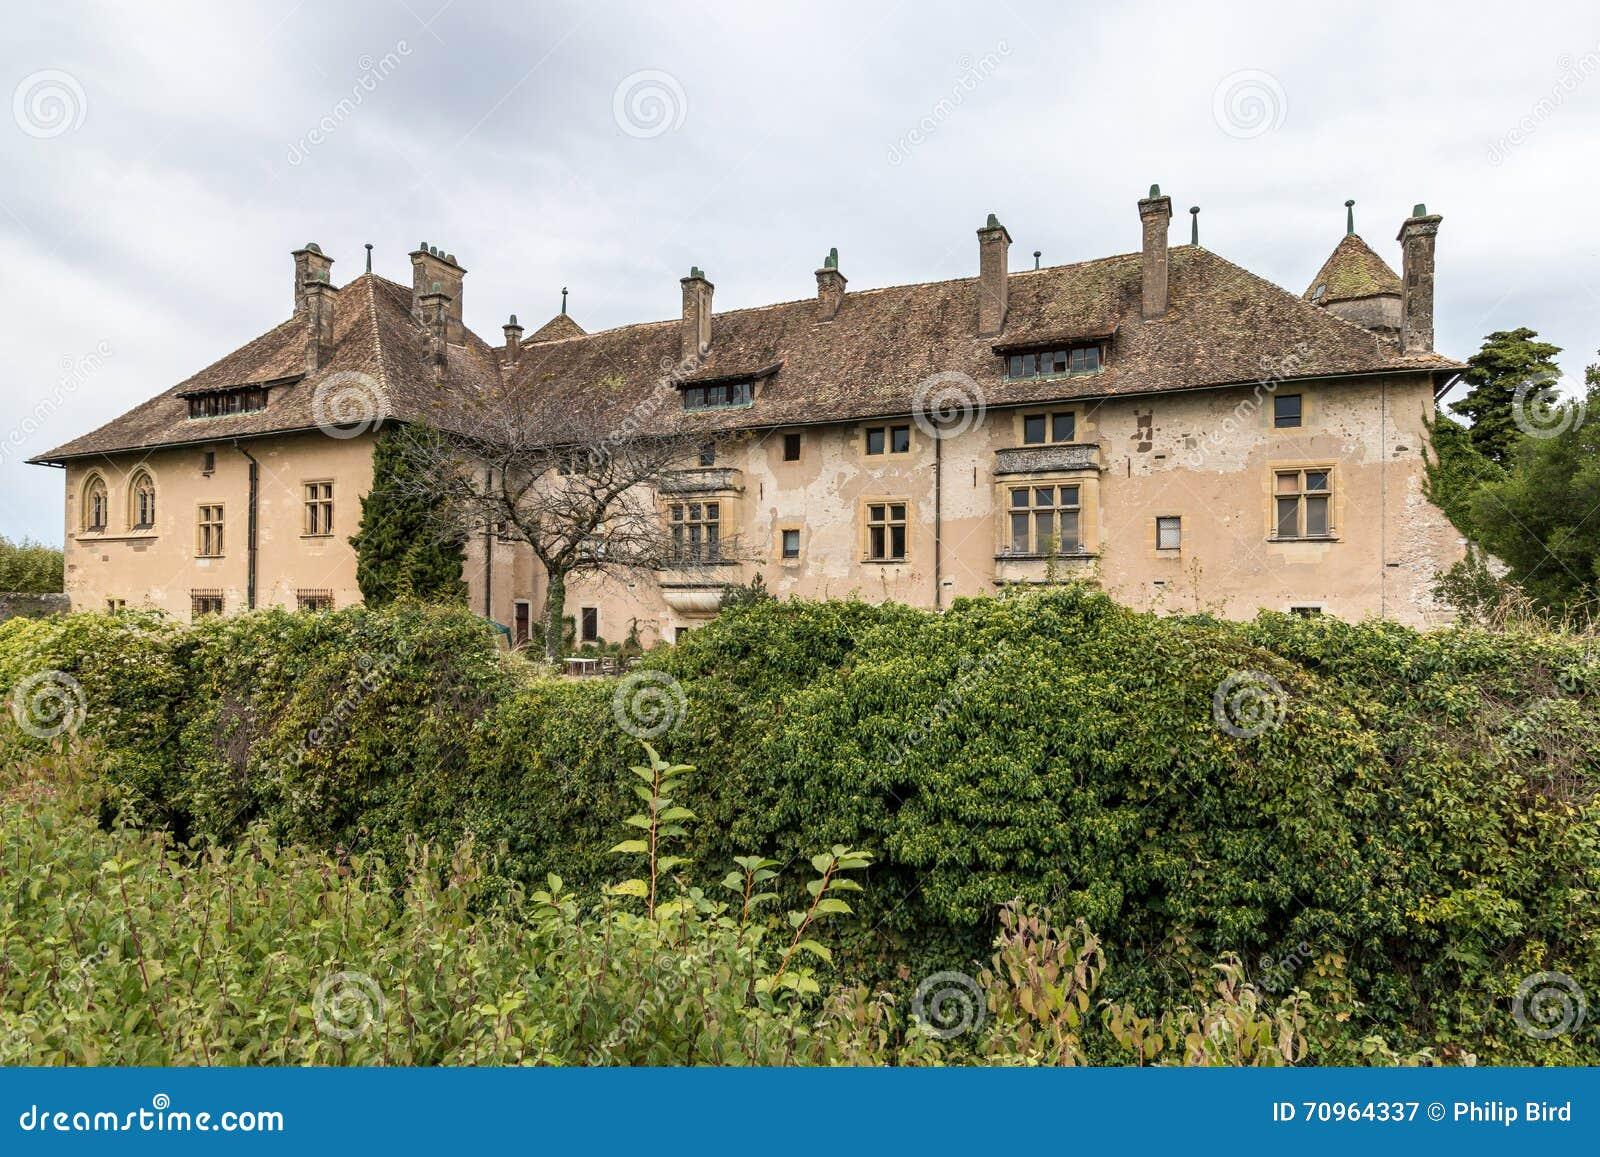 THONON-LES-BAINS FRANCE/ EUROPE - SEPTEMBER 15: Chateau de Ripaille at Thonon-les-Bains in France on September 15, 2015